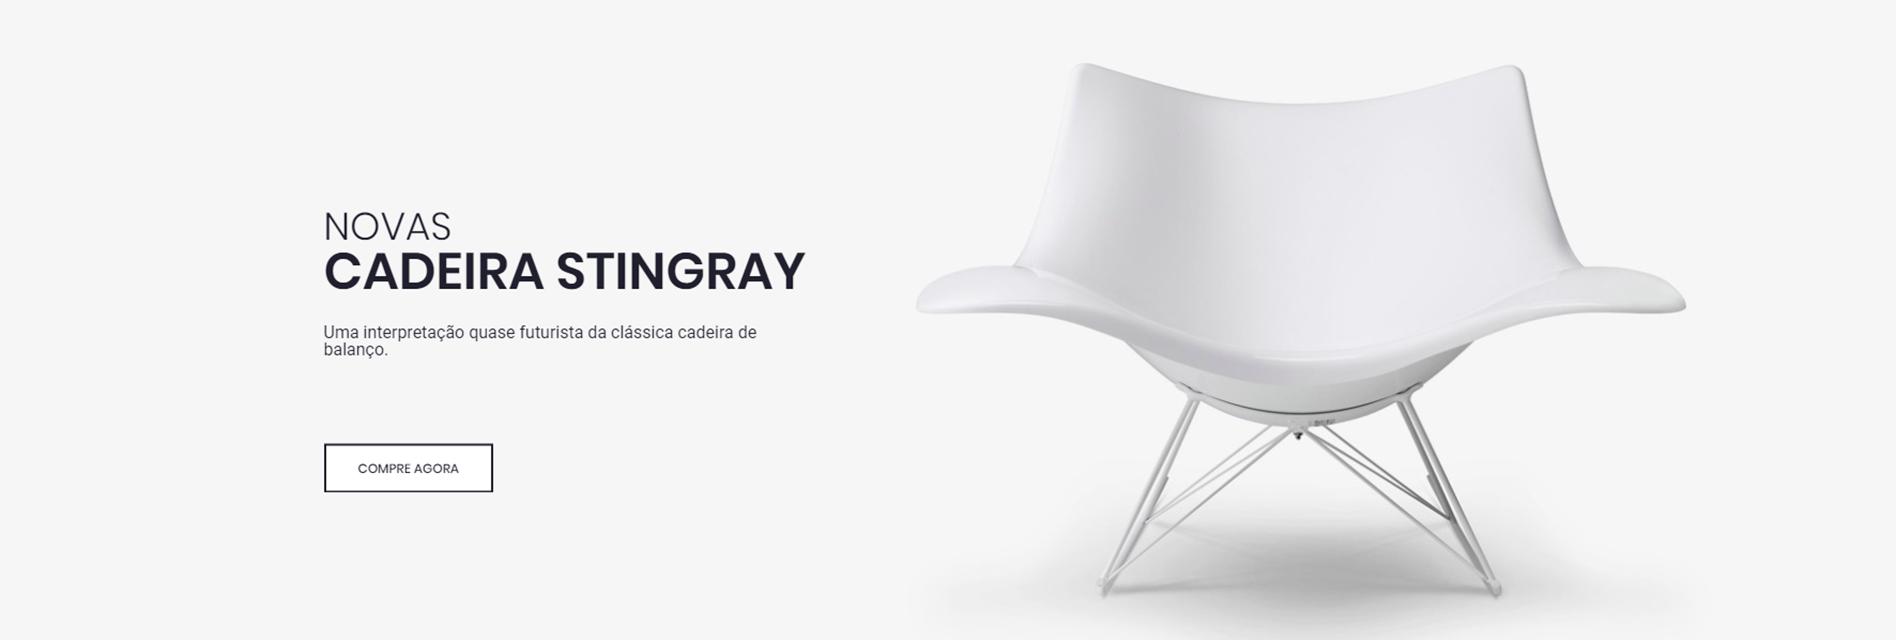 Cadeiras | DpotDecor